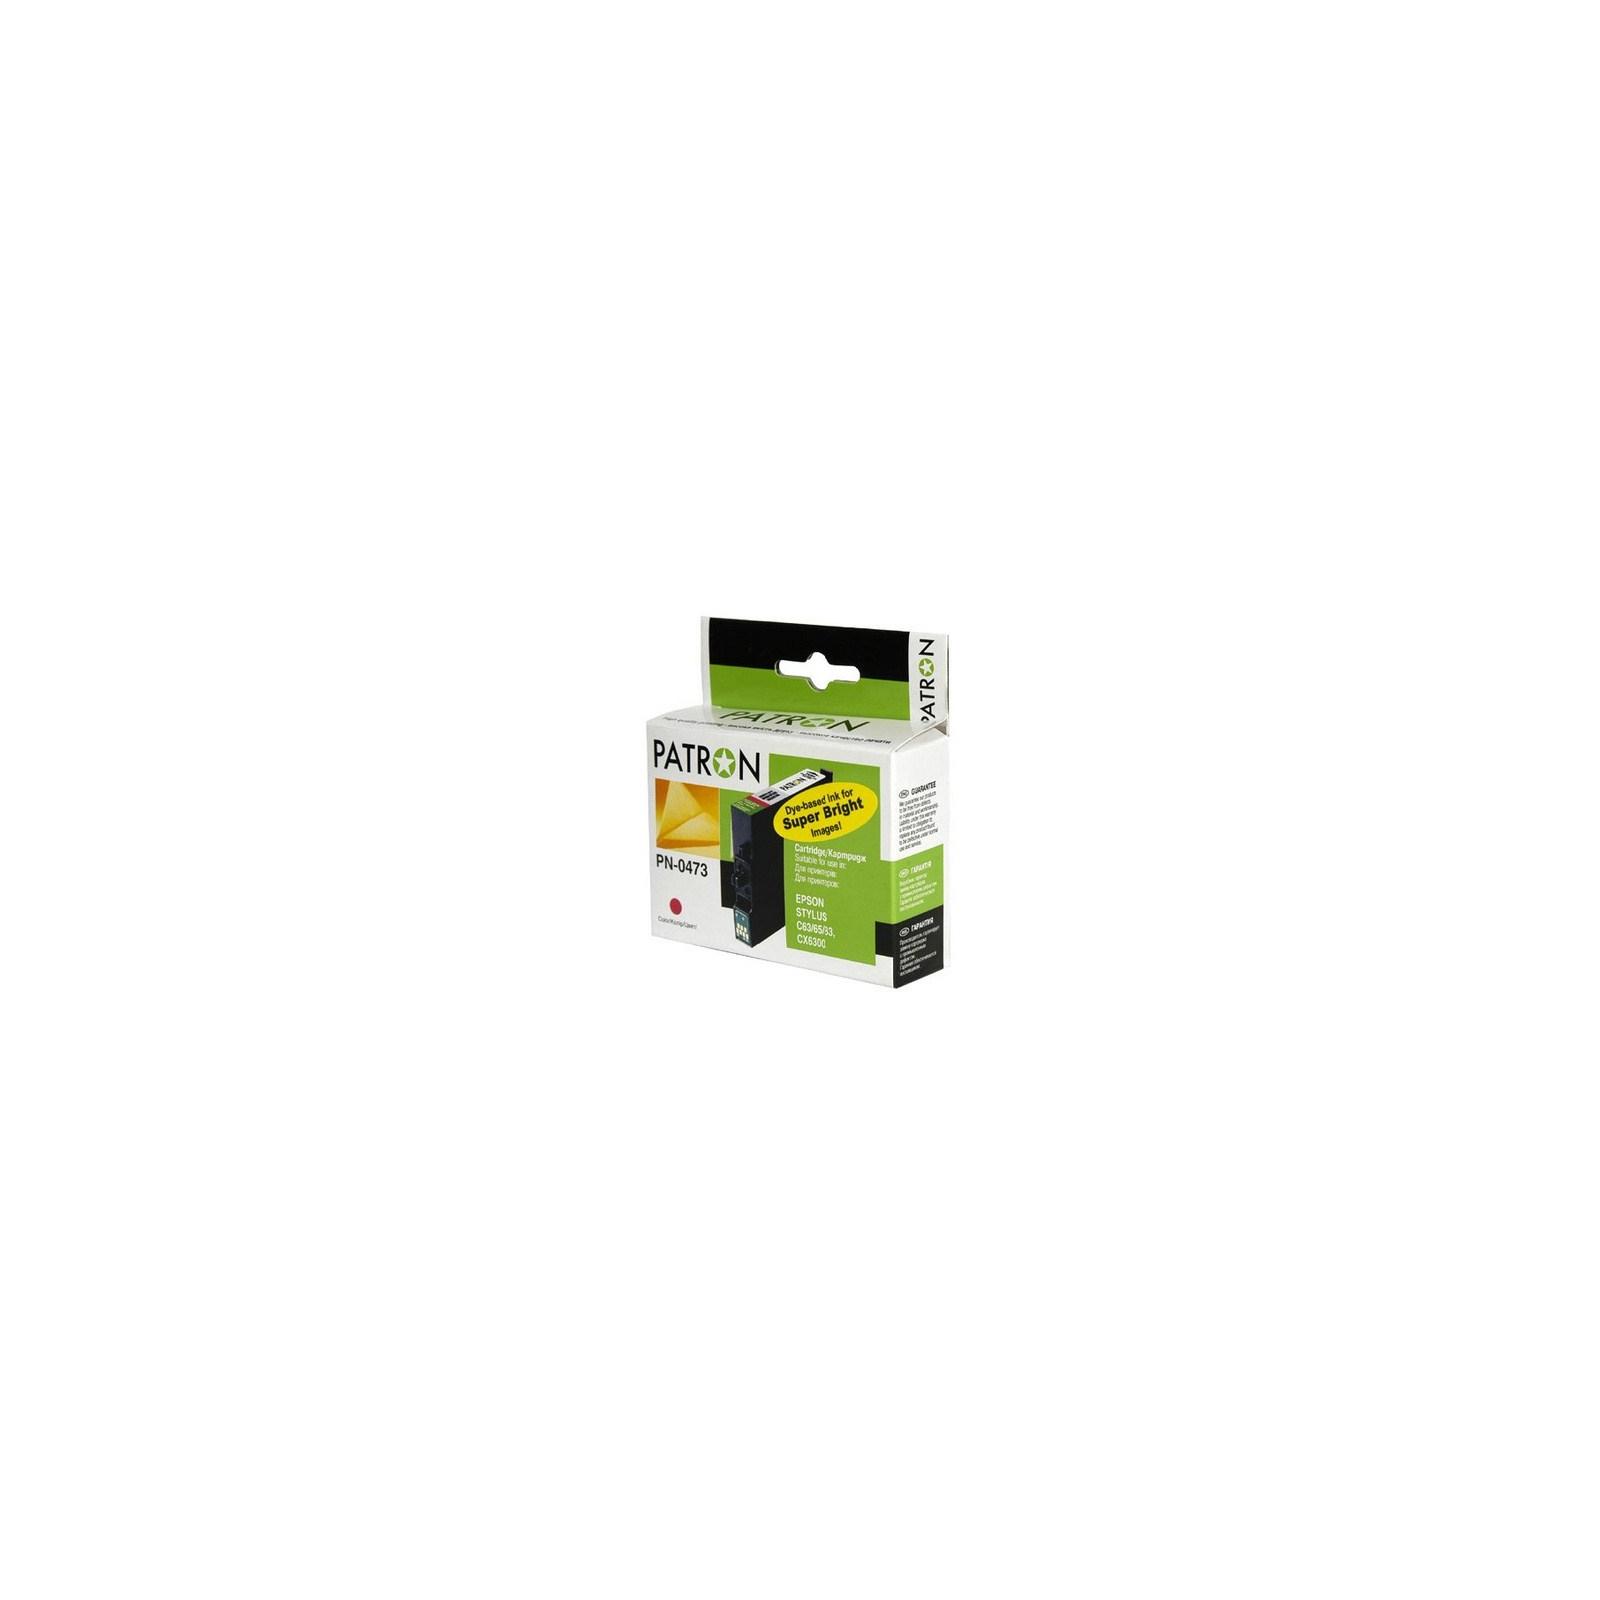 Картридж PATRON для Epson StC63/65, CX3500 magent (CI-EPS-T04734A-M-PN)